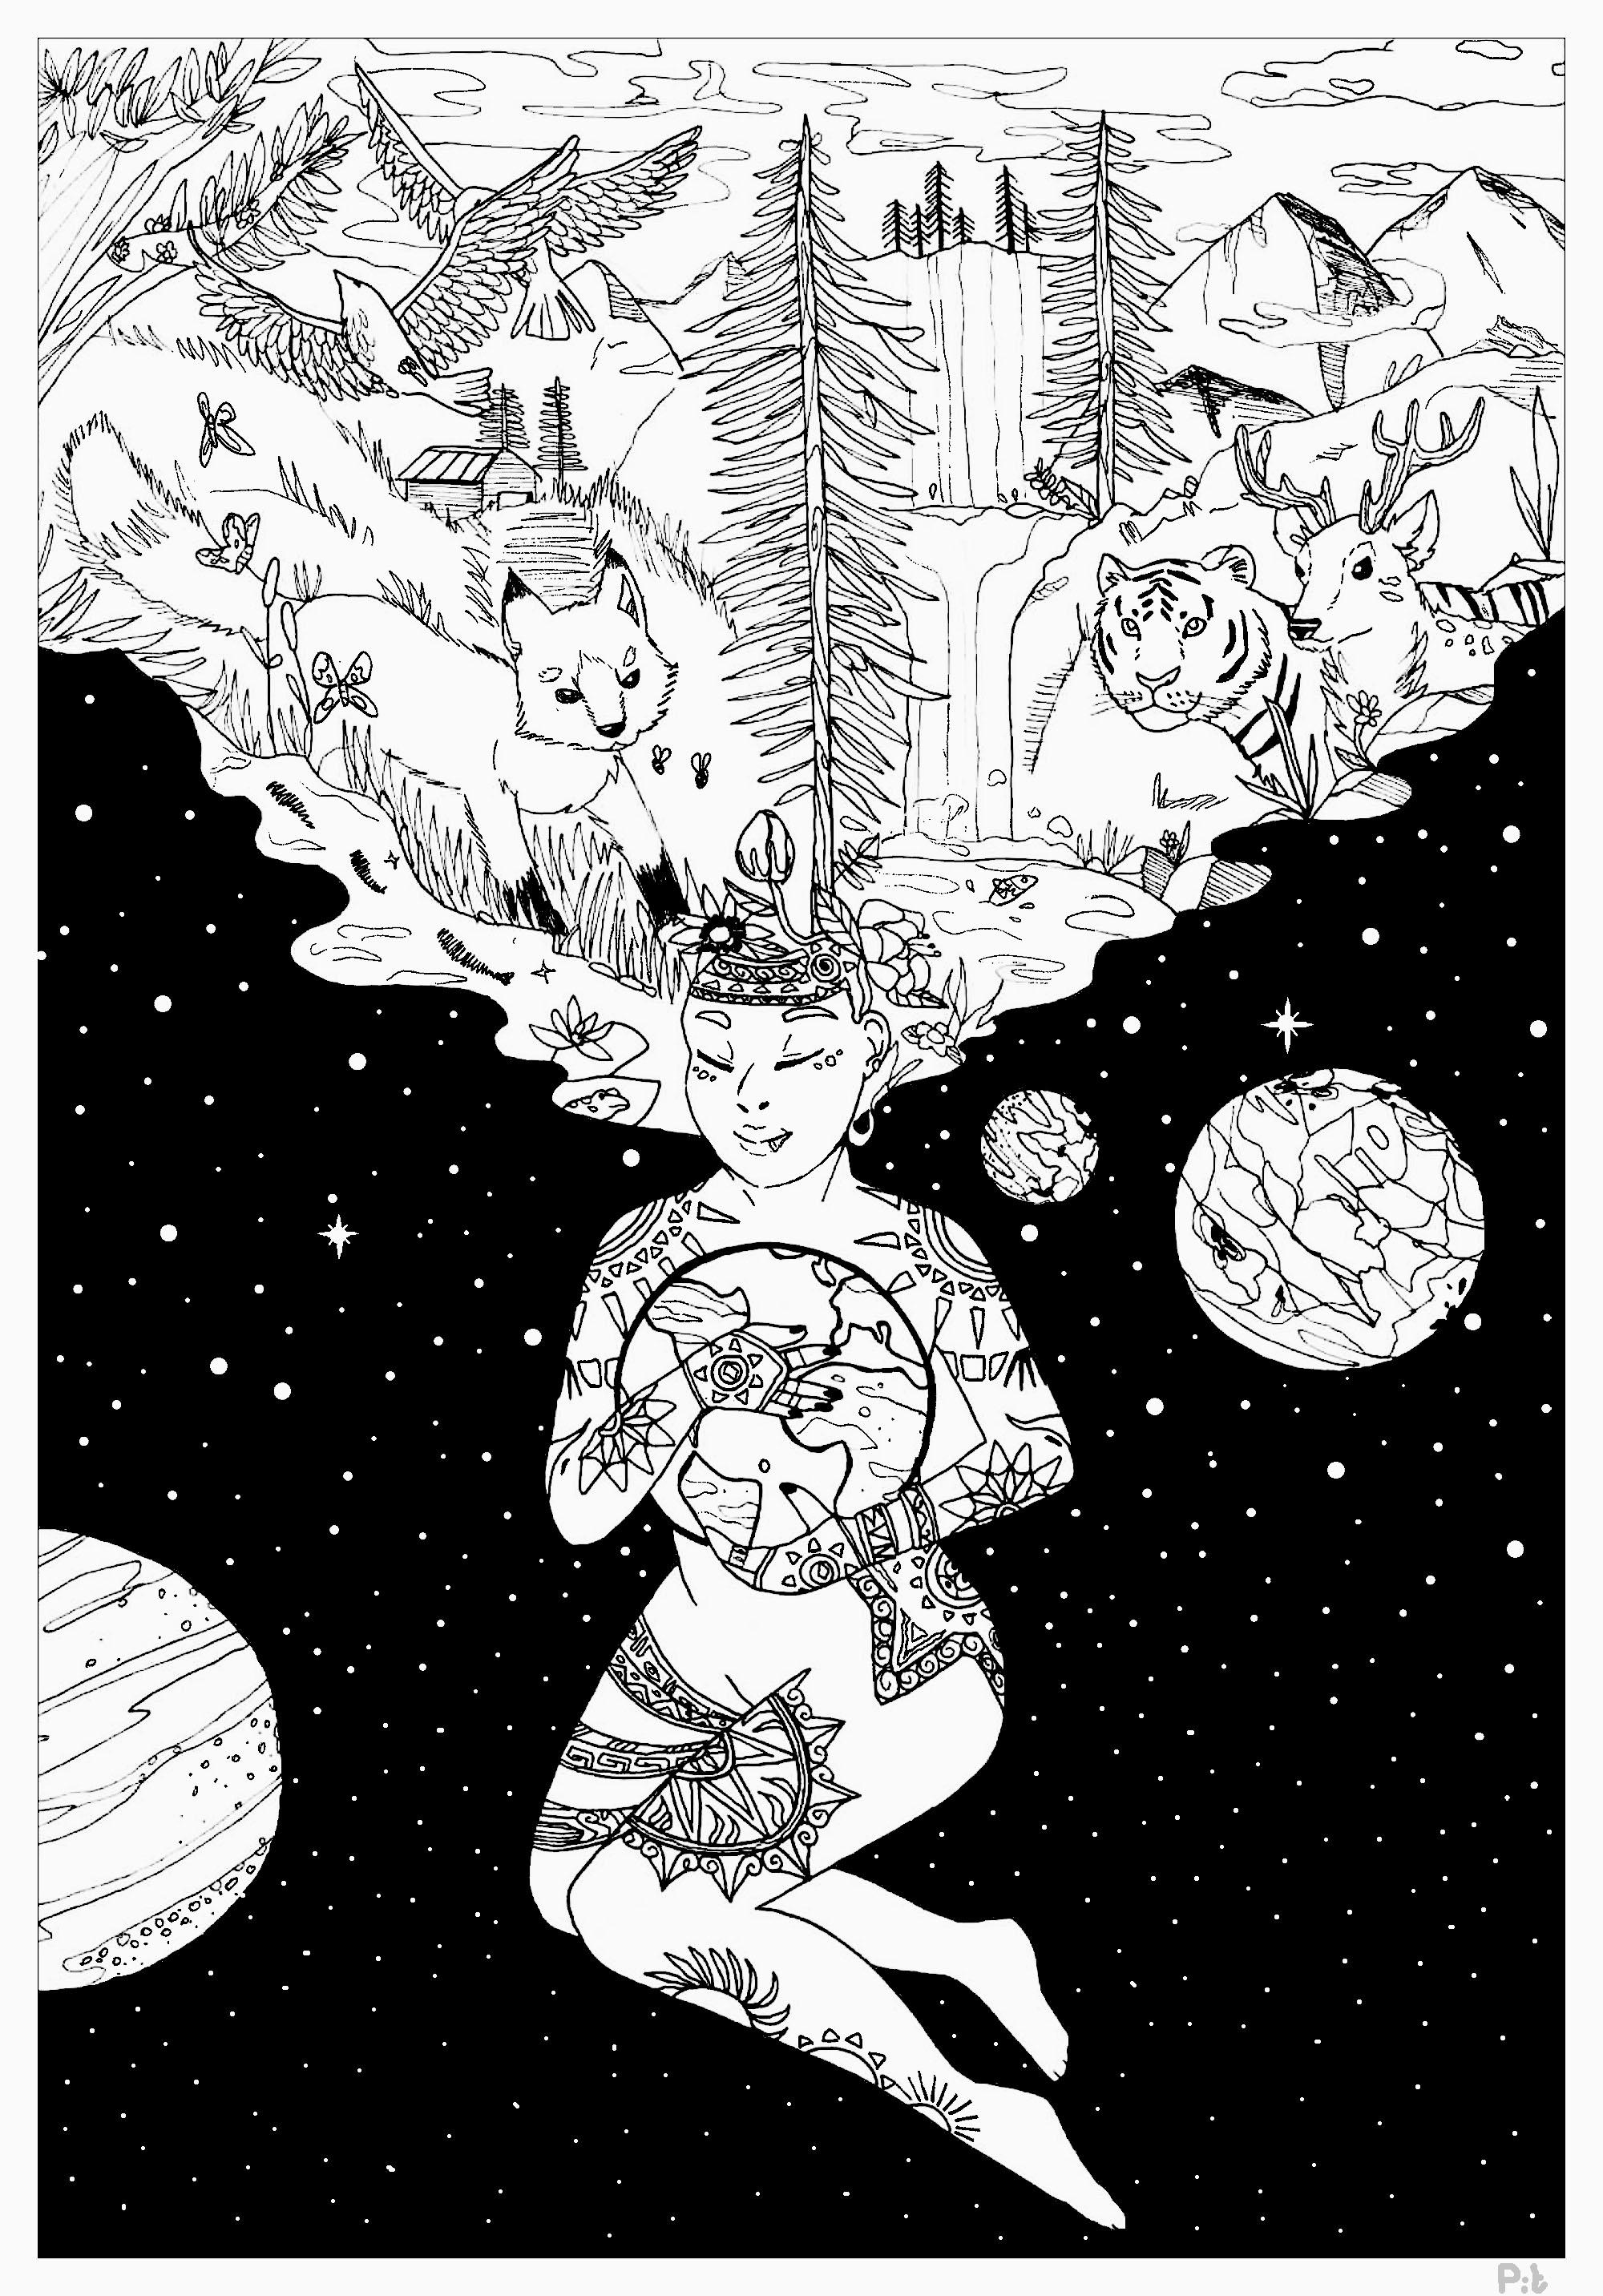 Magnifique coloriage sur le thème de la journée de la Terre. La déesse du Soleil tient la planète dans ses bras et crée la vie